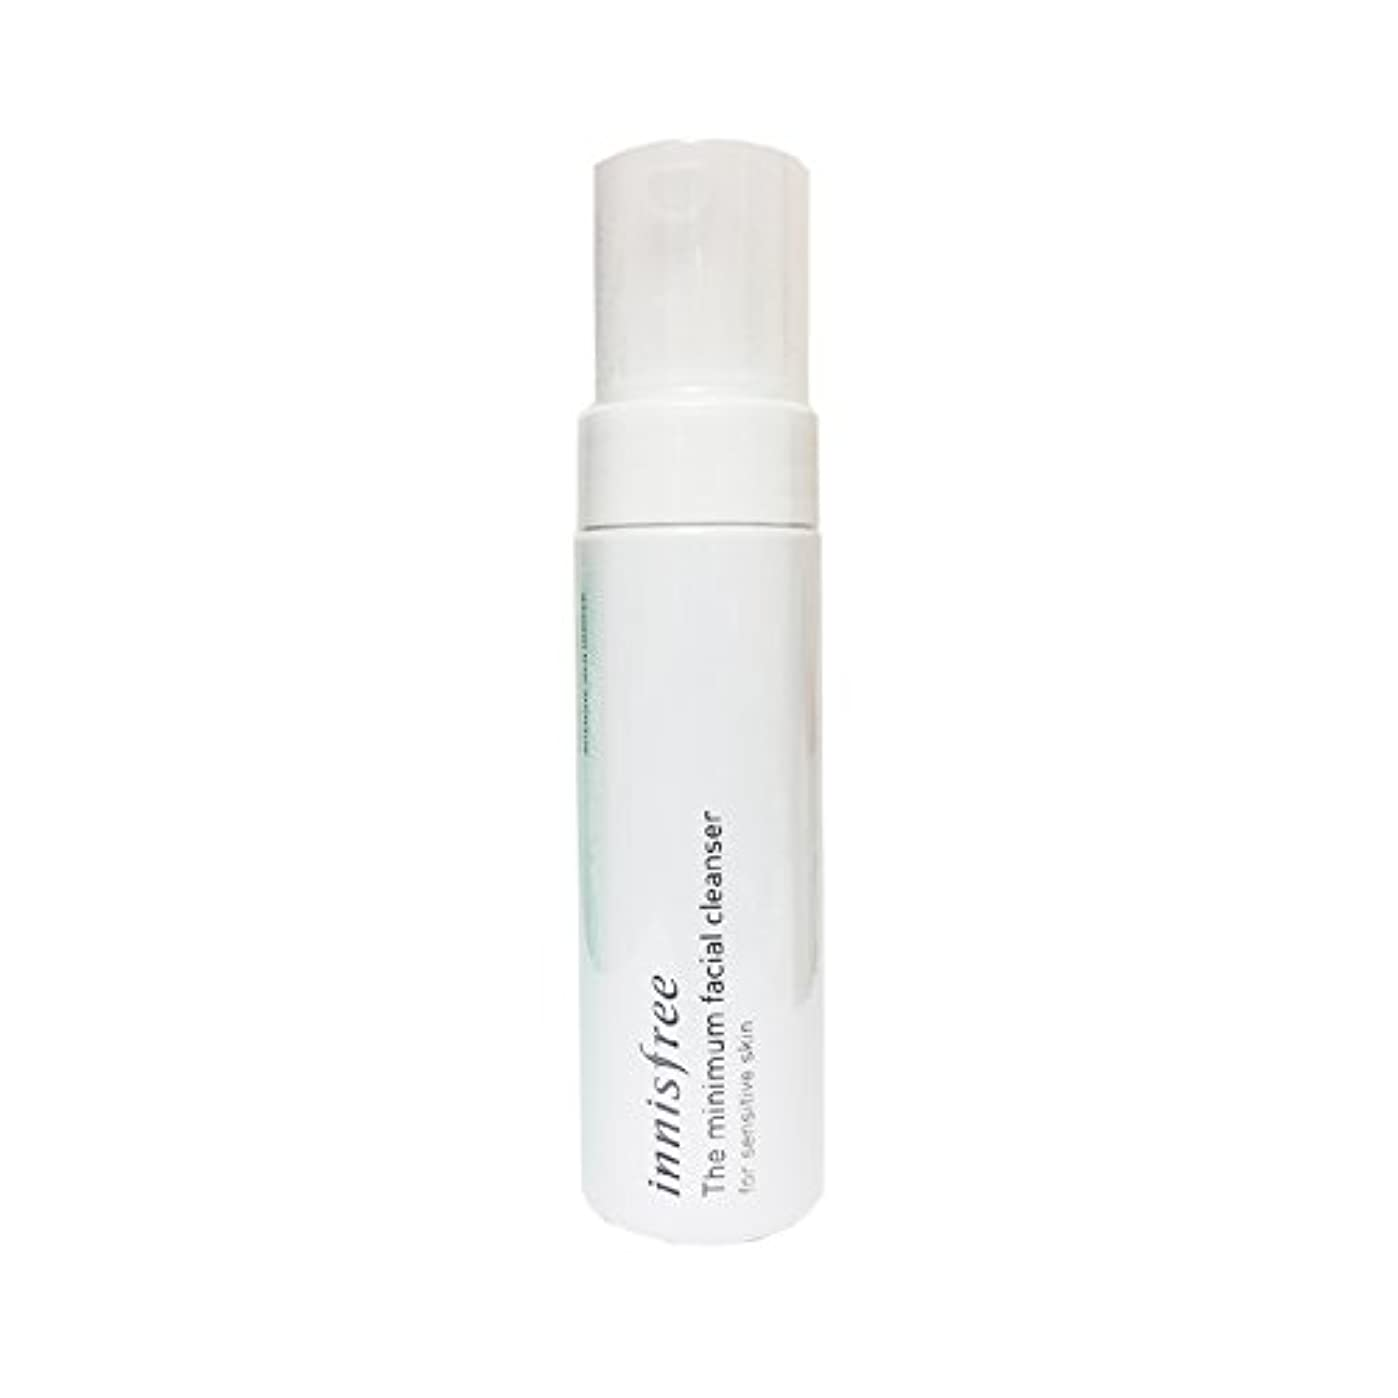 地中海政権サイレンイニスフリー Innisfree ザミニマム フェイシャル クレンザー敏感肌用(70ml) Innisfree The Minimum Facial Cleanser For Sensitive Skin(70ml) [海外直送品]